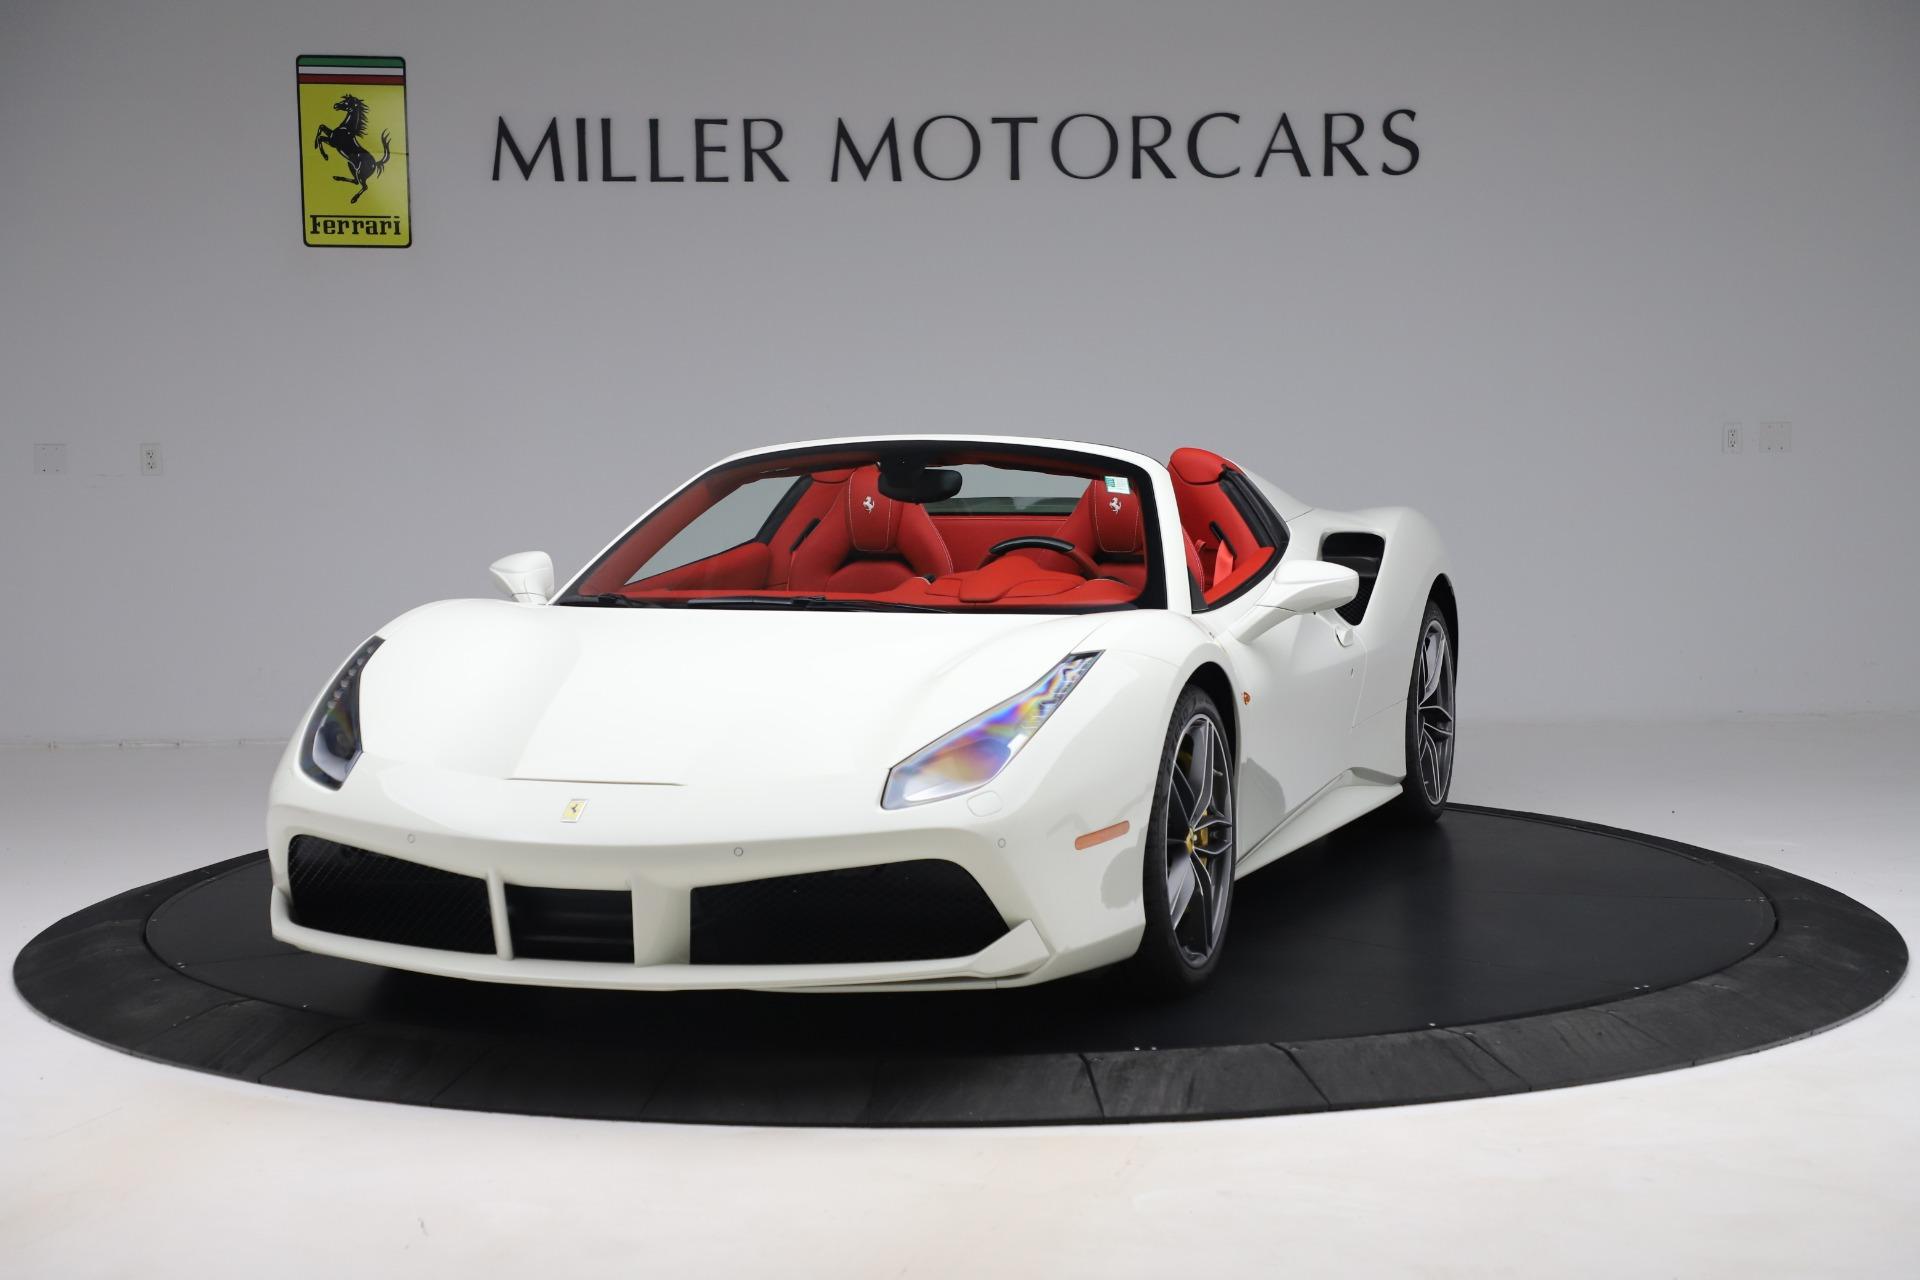 Pre Owned 2018 Ferrari 488 Spider For Sale 298 900 Miller Motorcars Stock 4626